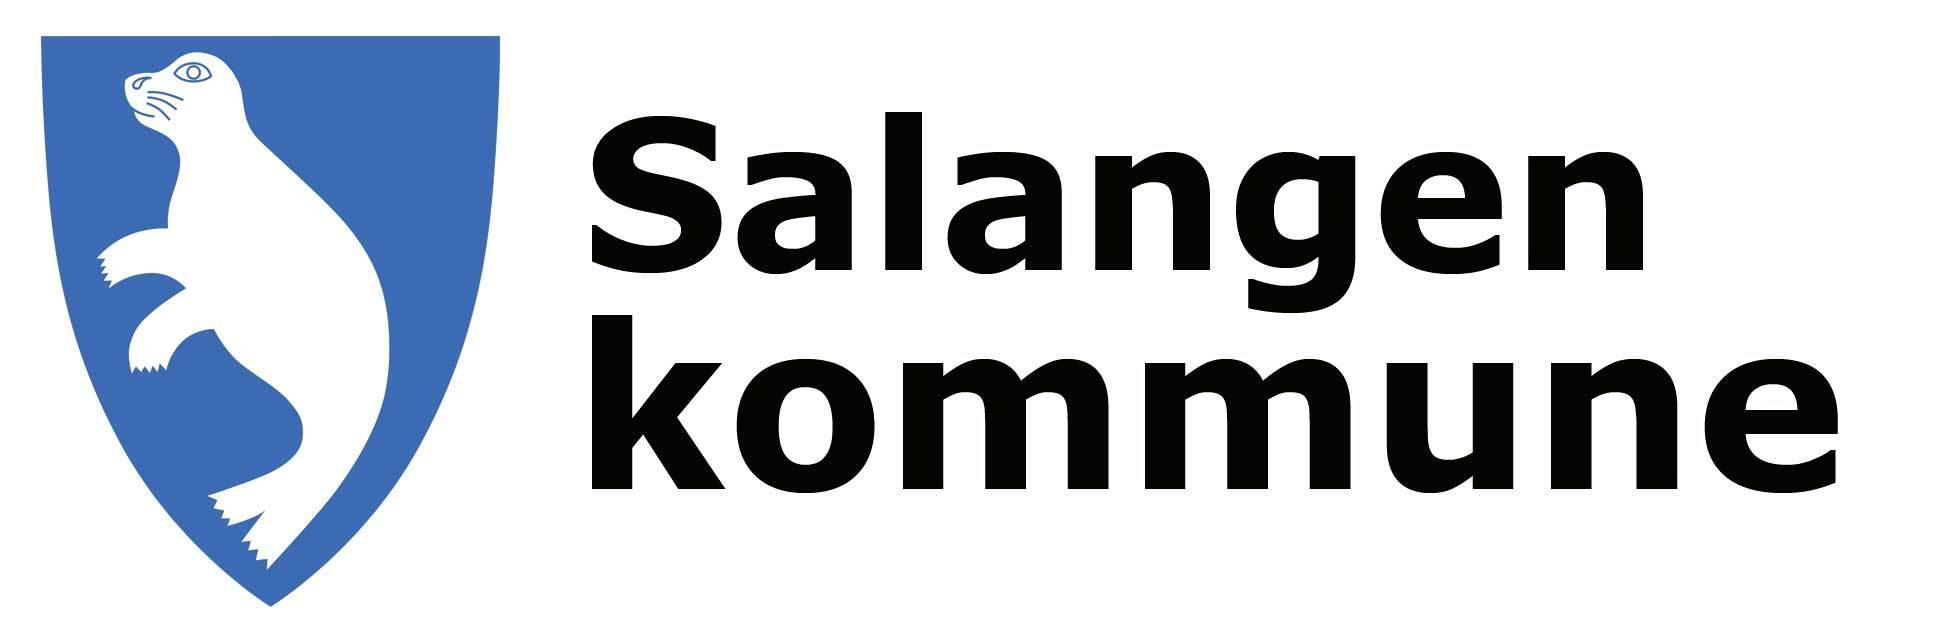 Salangen-kommunevaapen-navn-d.jpg